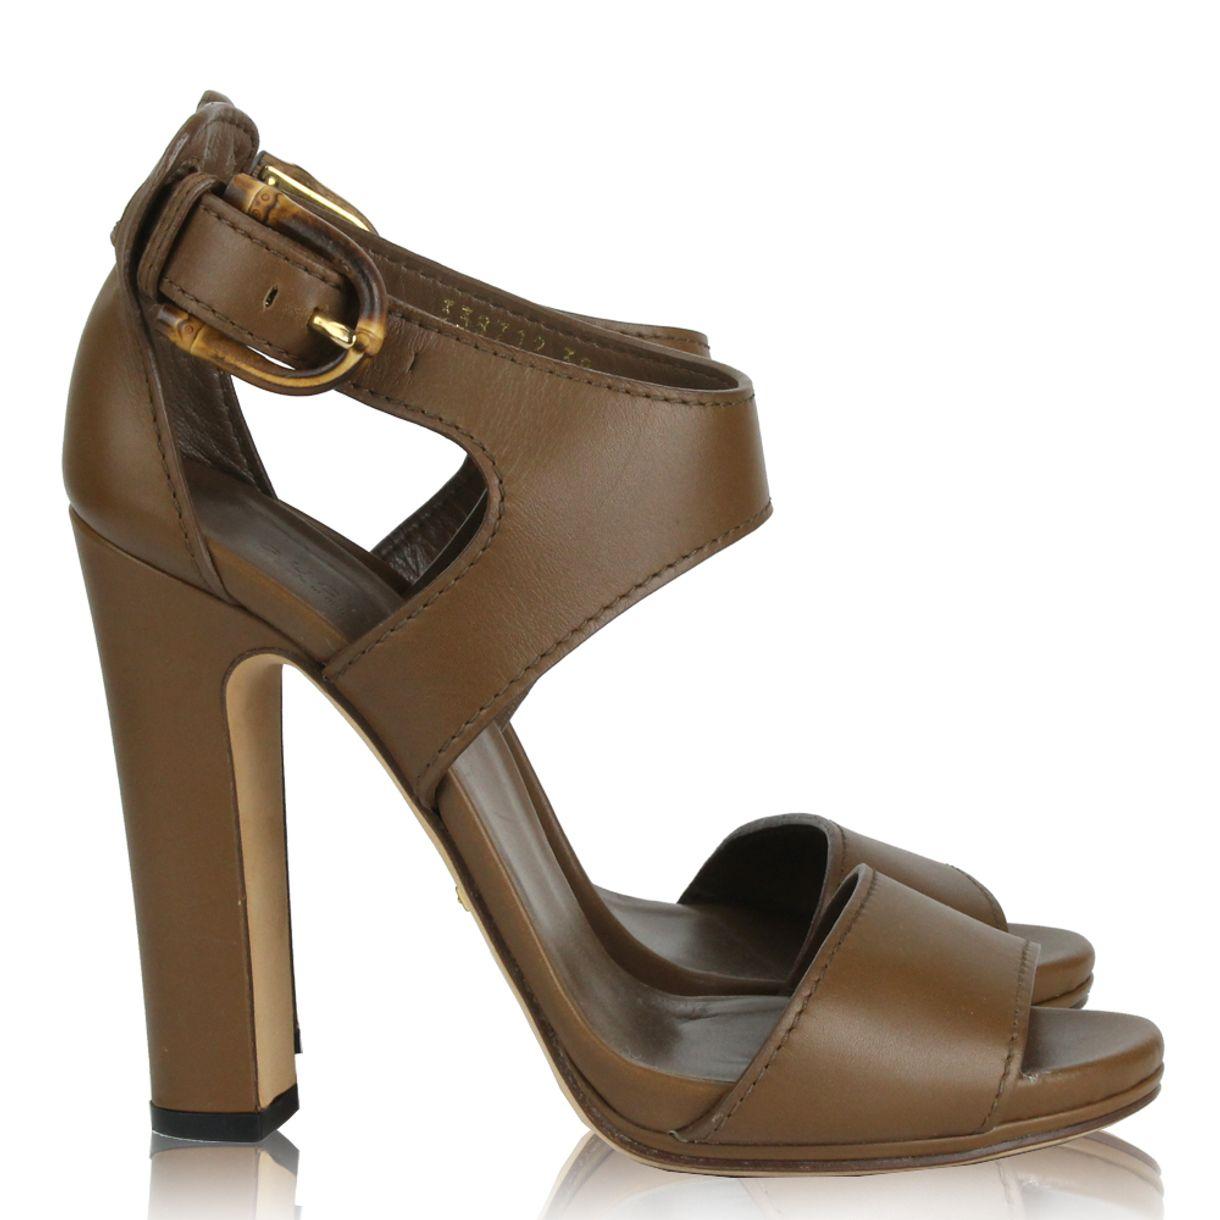 2560-sandalia-gucci-tiras-couro-marrom-1